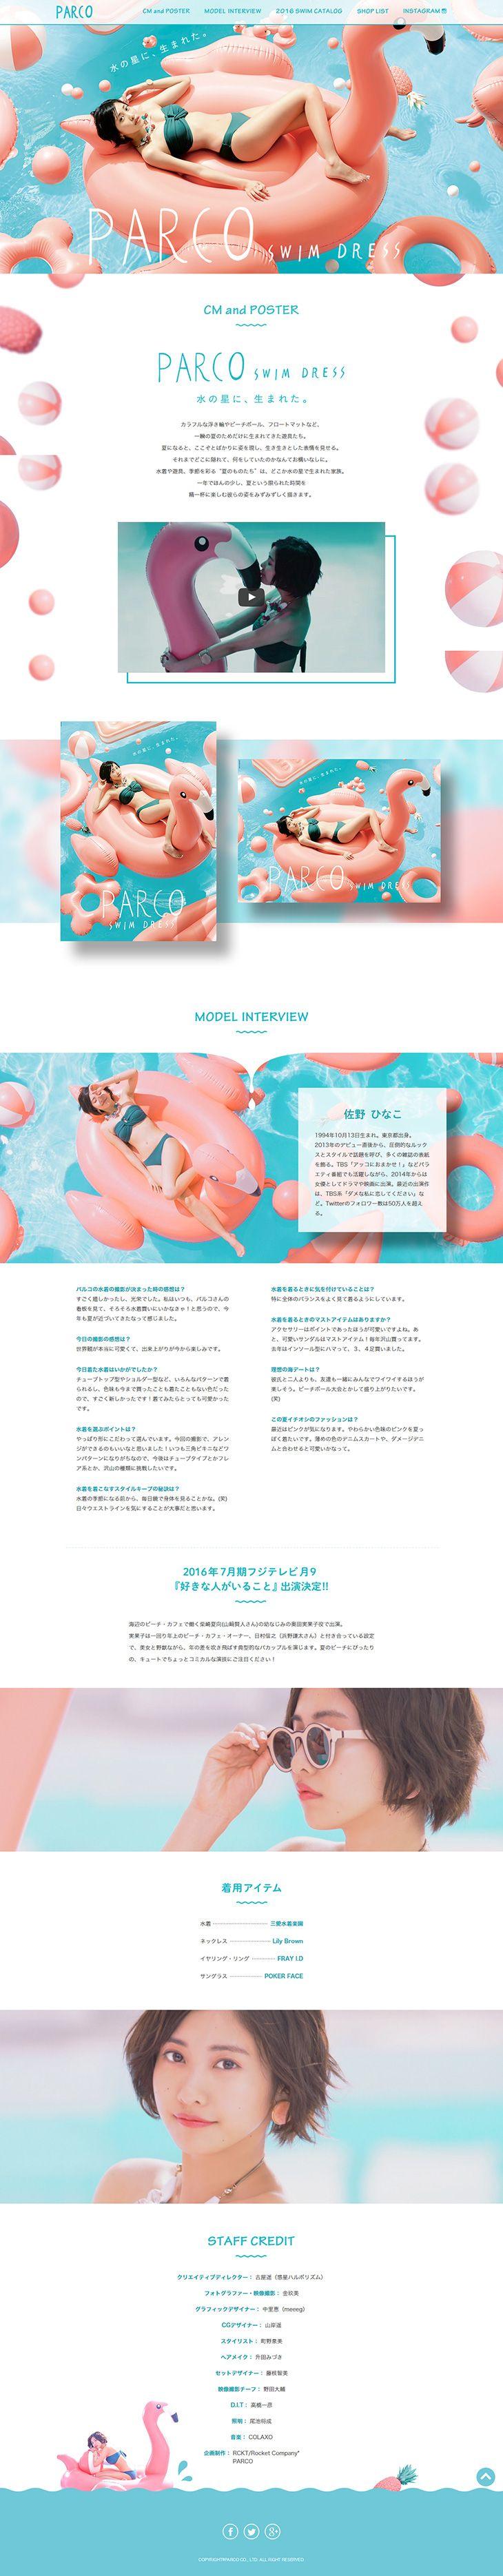 PARCO SWIM DRESS【ファッション関連】のLPデザイン。WEBデザイナーさん必見!ランディングページのデザイン参考に(かわいい系)